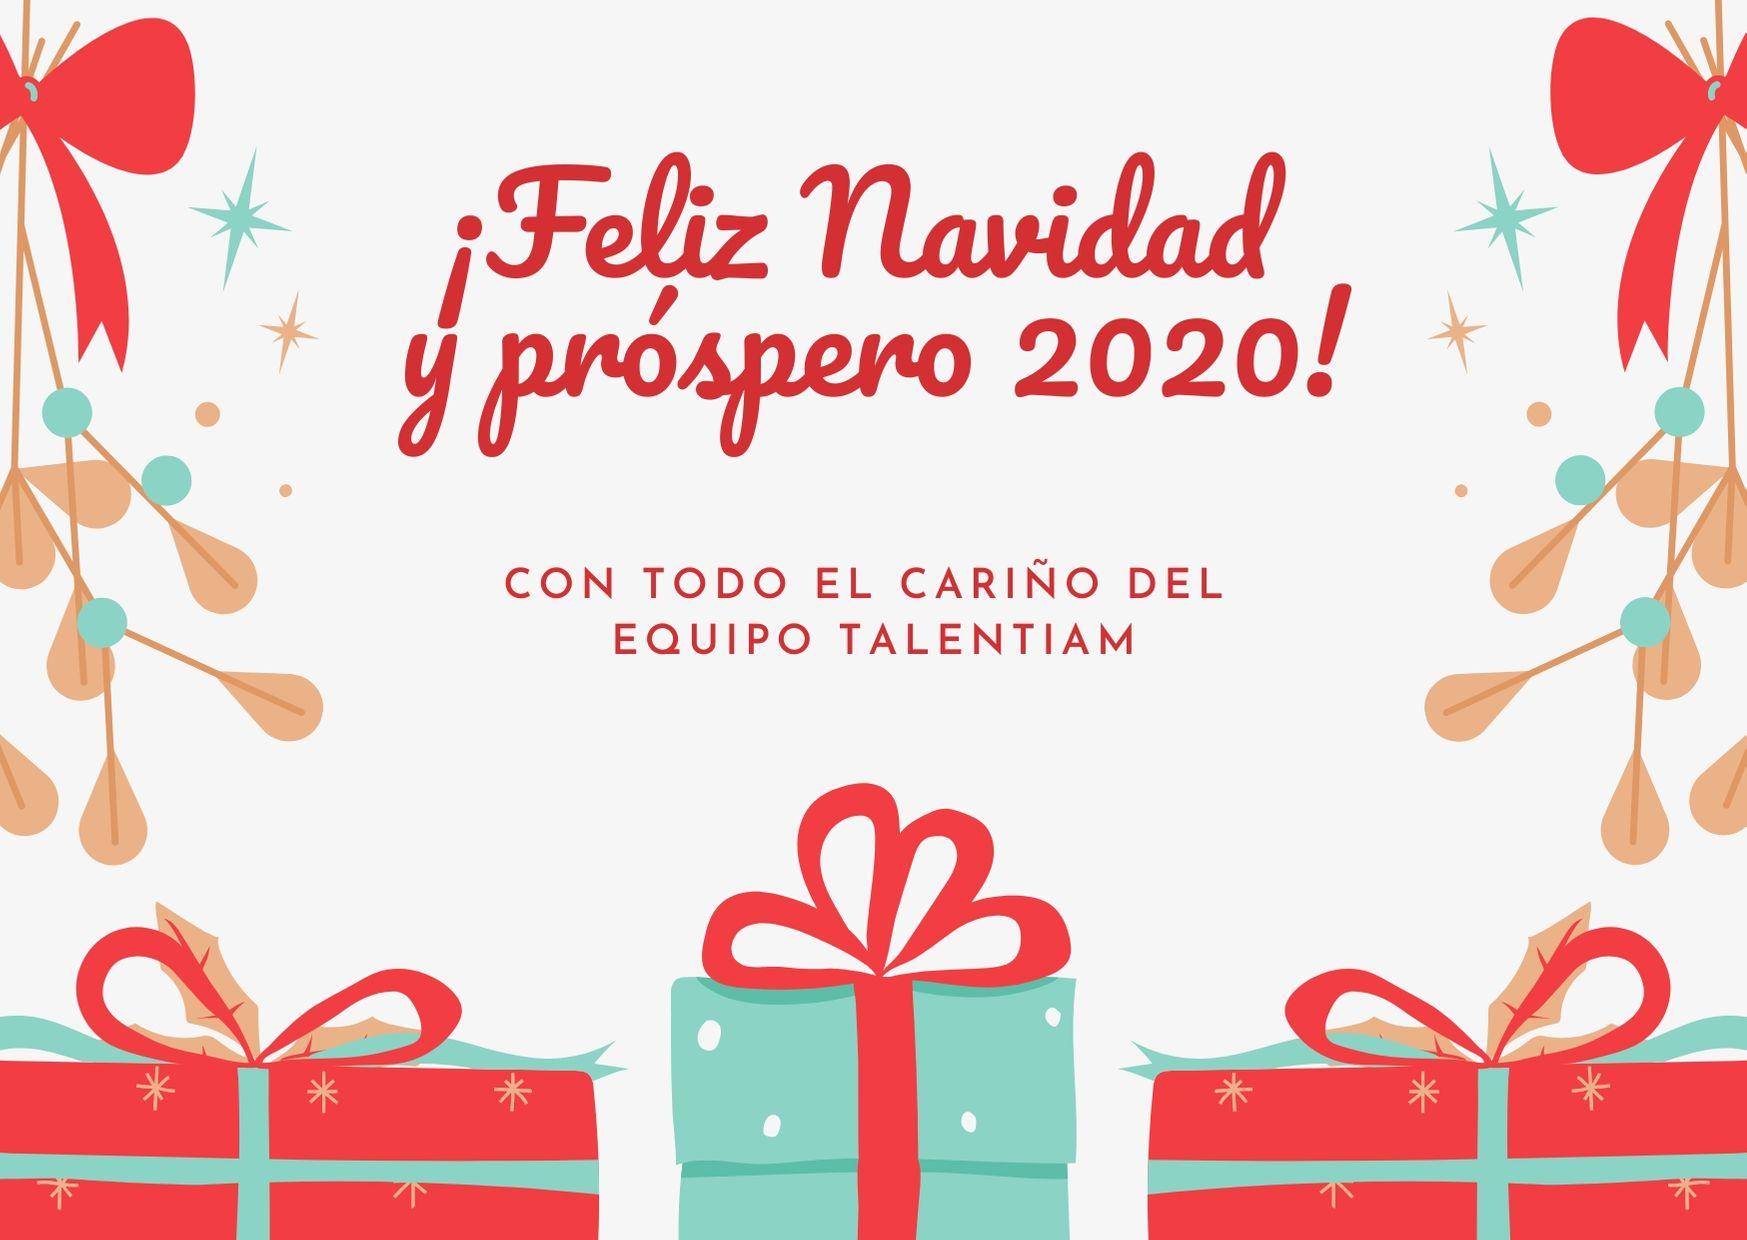 feliz navidad 2020 talentiam